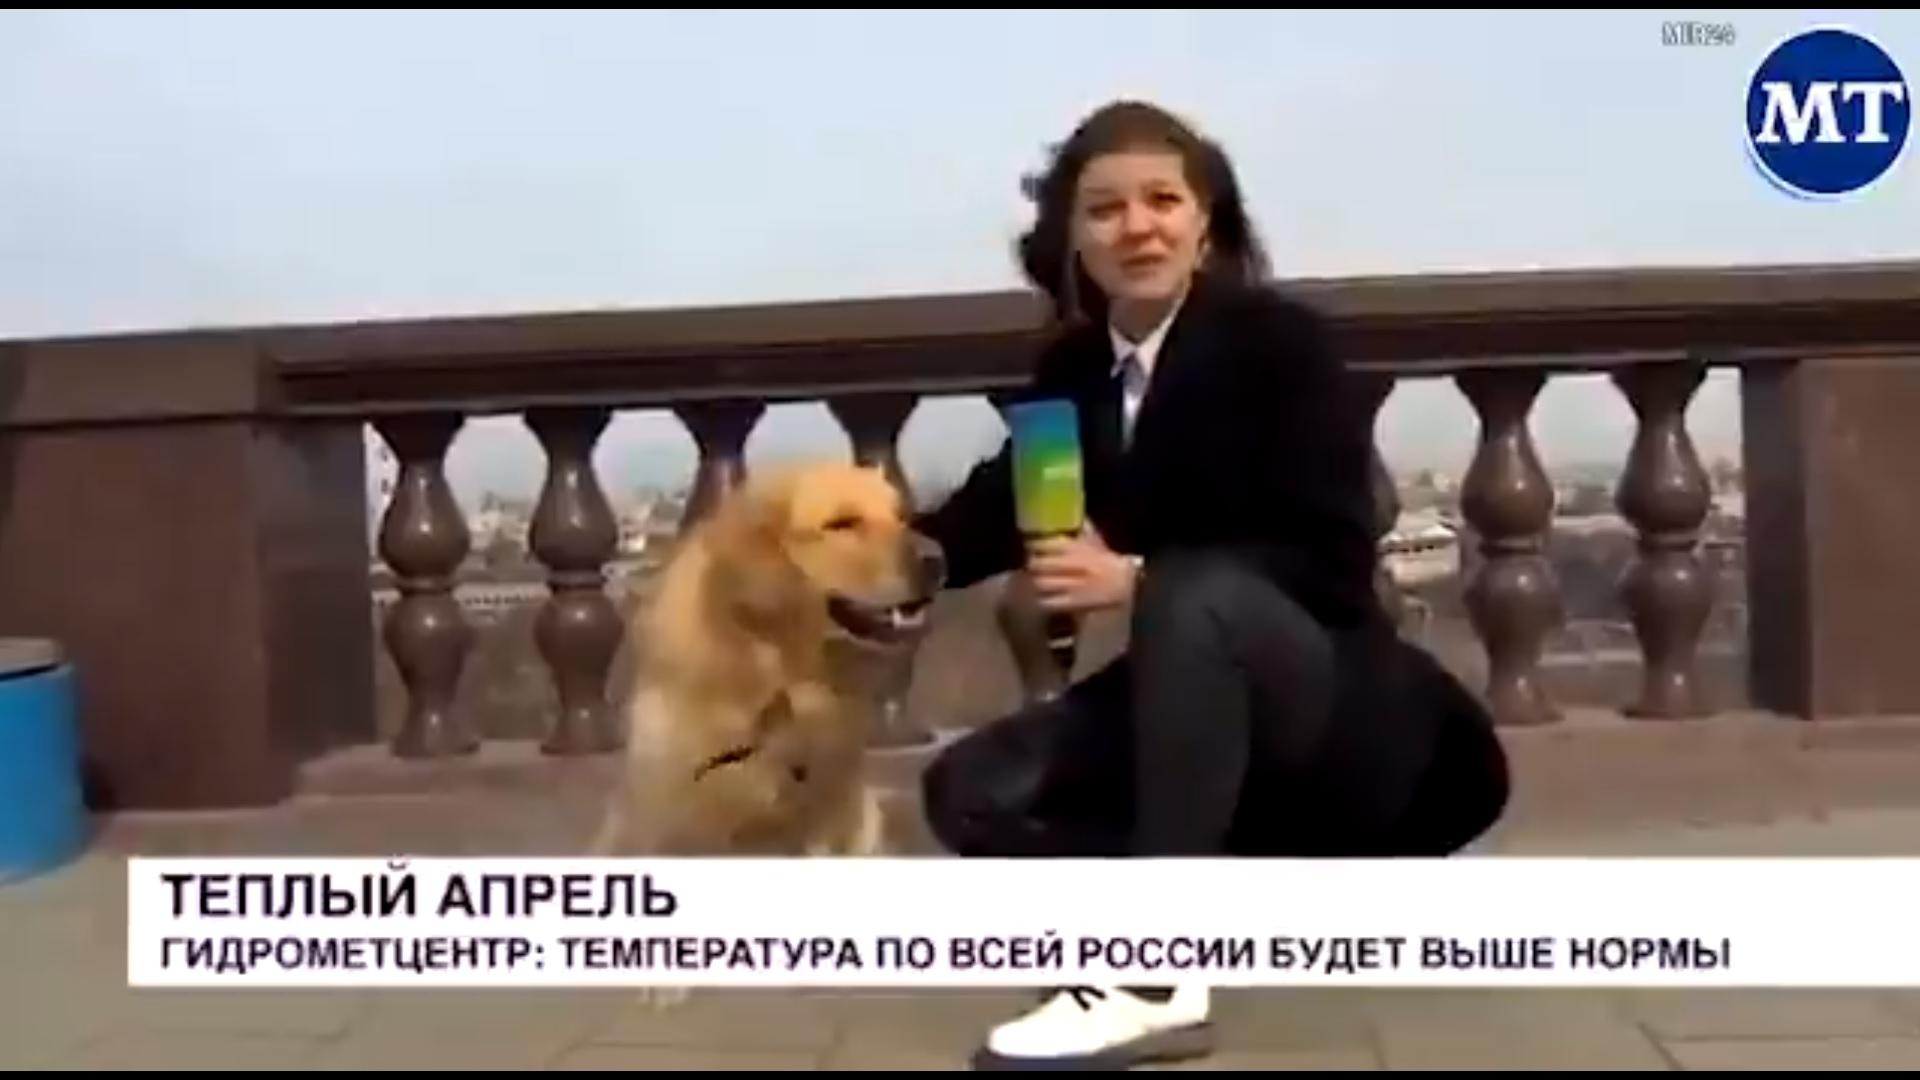 Viral: Γκόλντεν Ριτρίβερ κλέβει το μικρόφωνο δημοσιογράφου στον αέρα